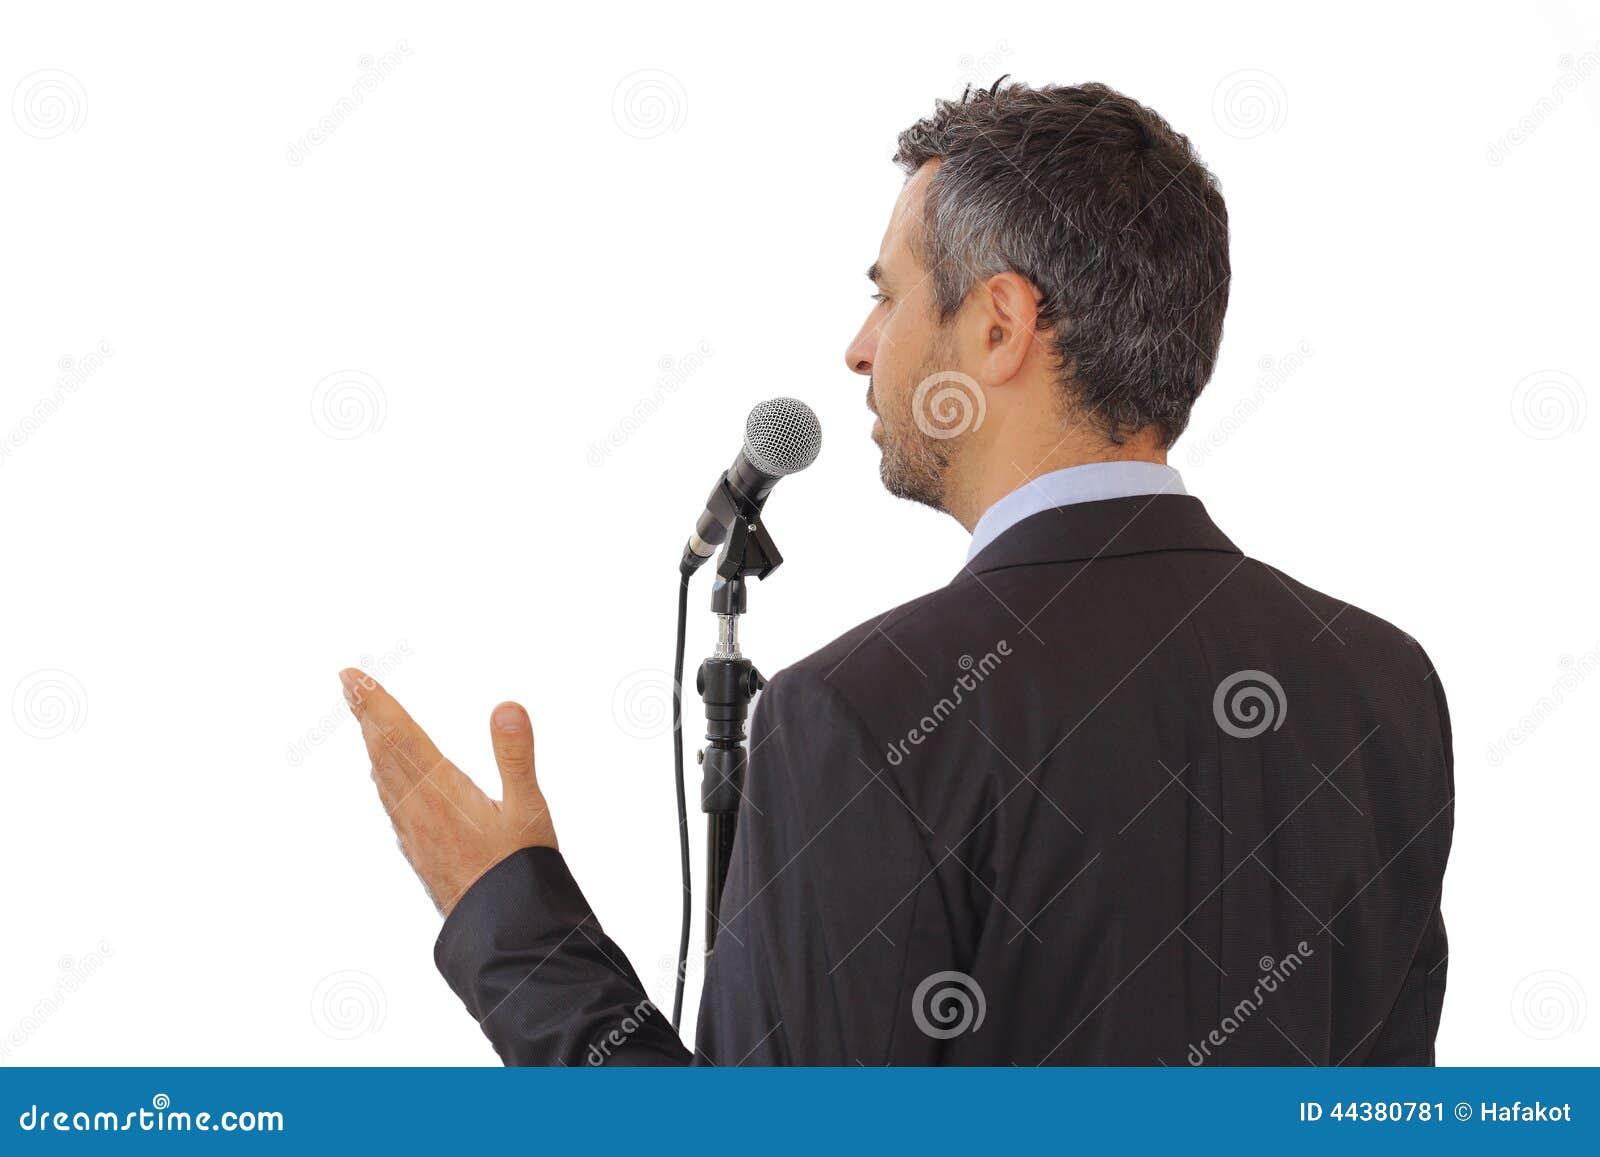 演讲人的背面图讲话在话筒